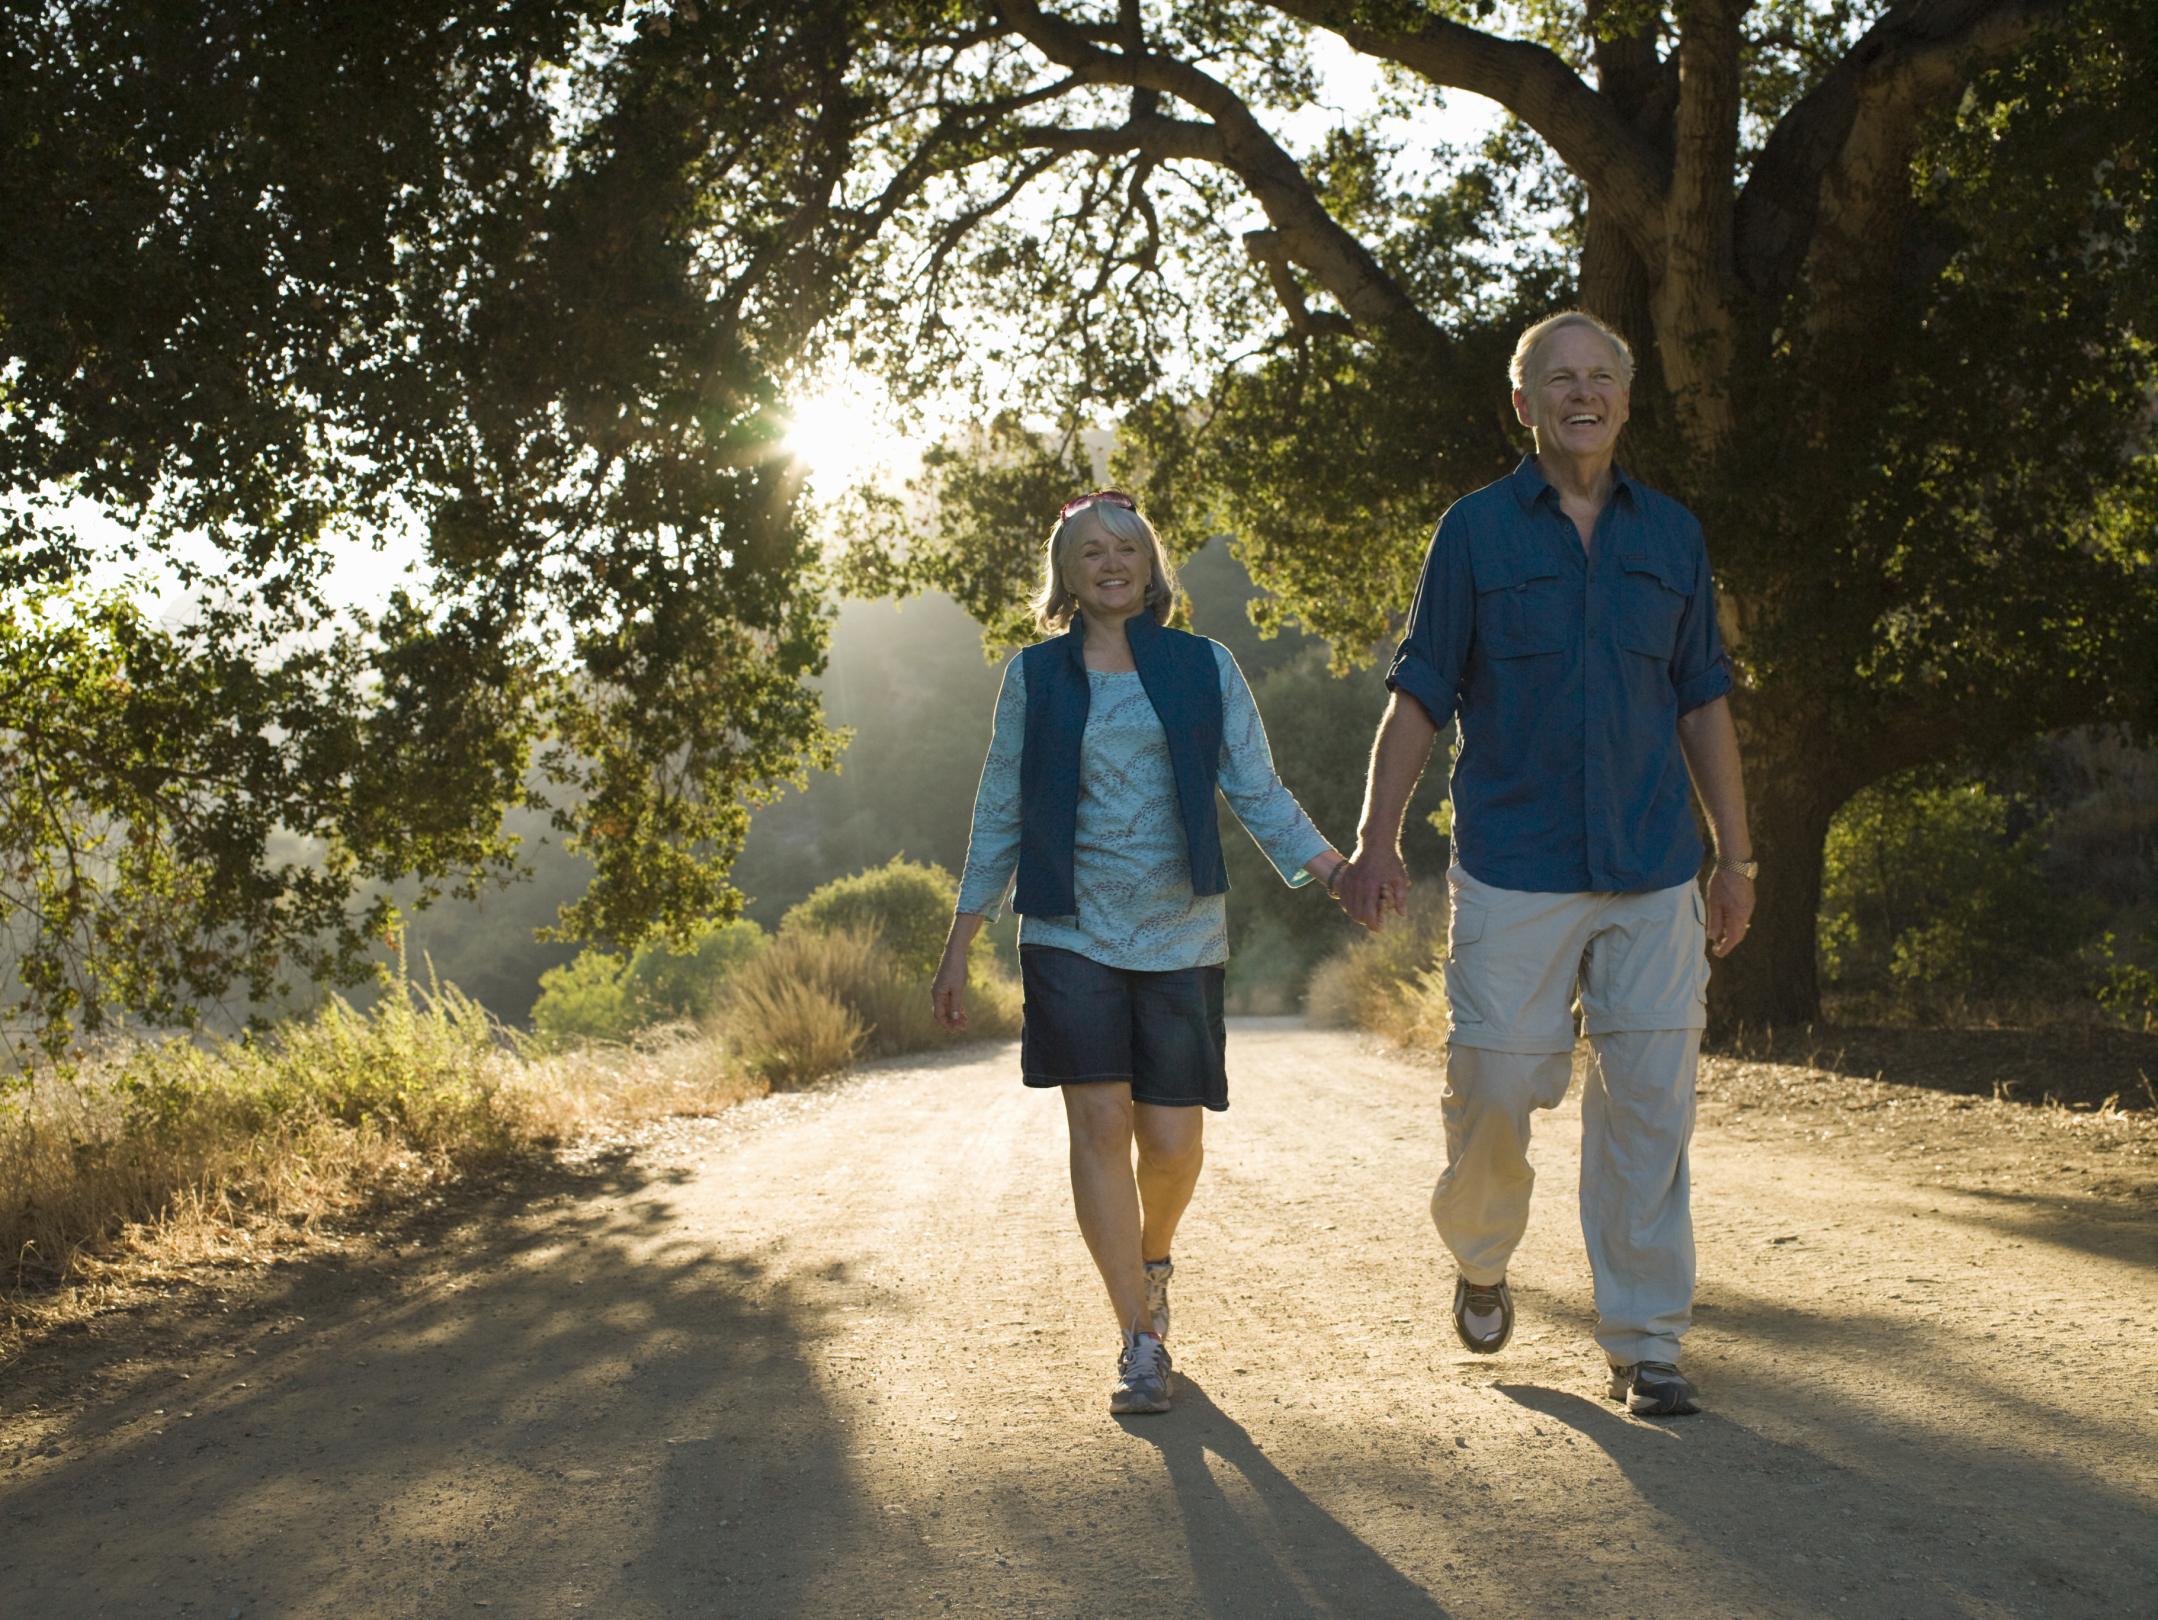 Ταχύτητα βάδισης Υγεία εγκεφάλου: Χαμηλότερη ταχύτητα βάδισης μπορεί να δηλώνει εξασθένιση της εγκεφαλικής υγείας